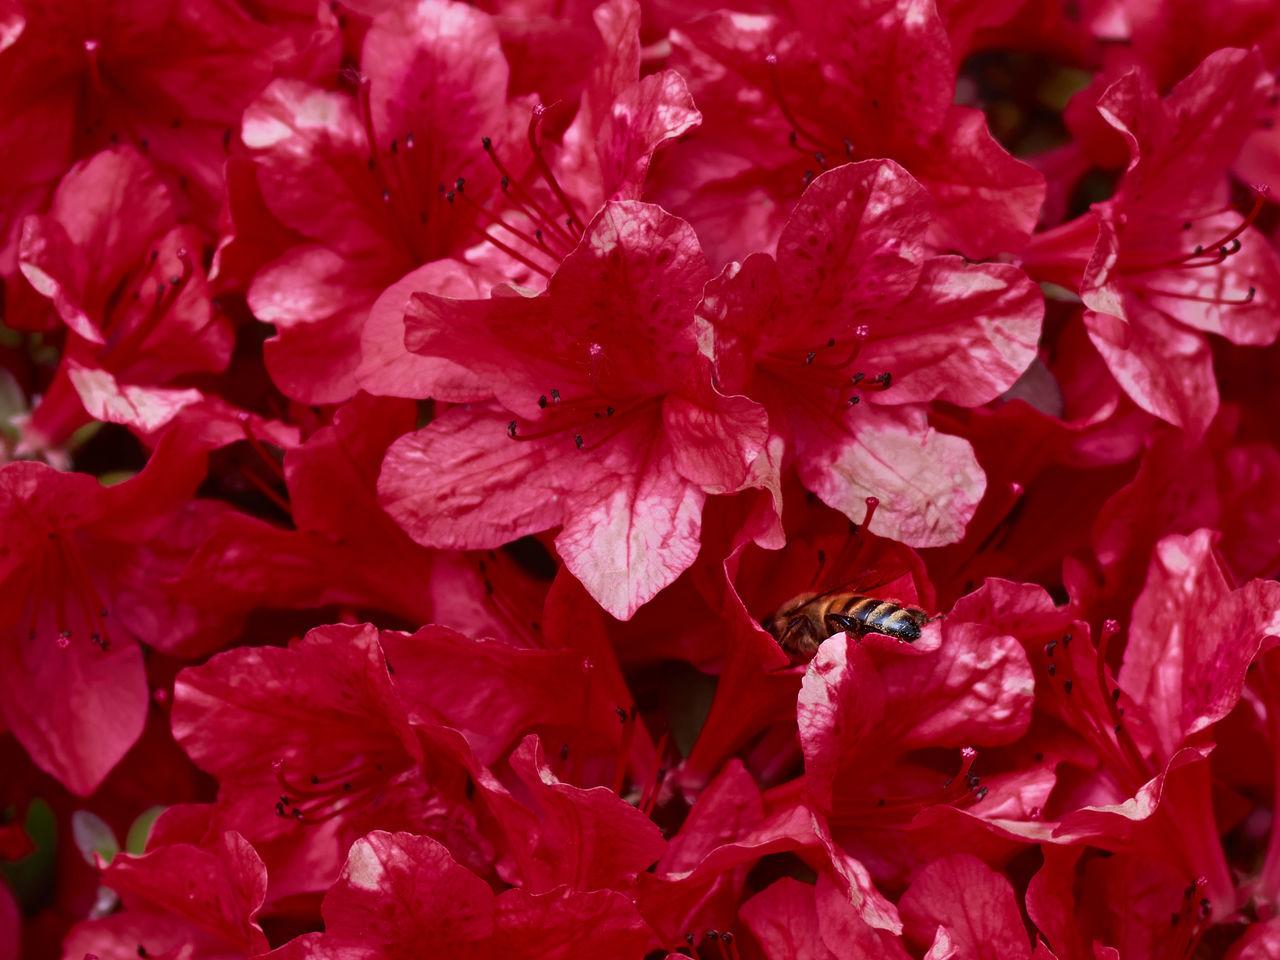 FULL FRAME SHOT OF RED LEAVES ON FRESH WHITE FLOWERS